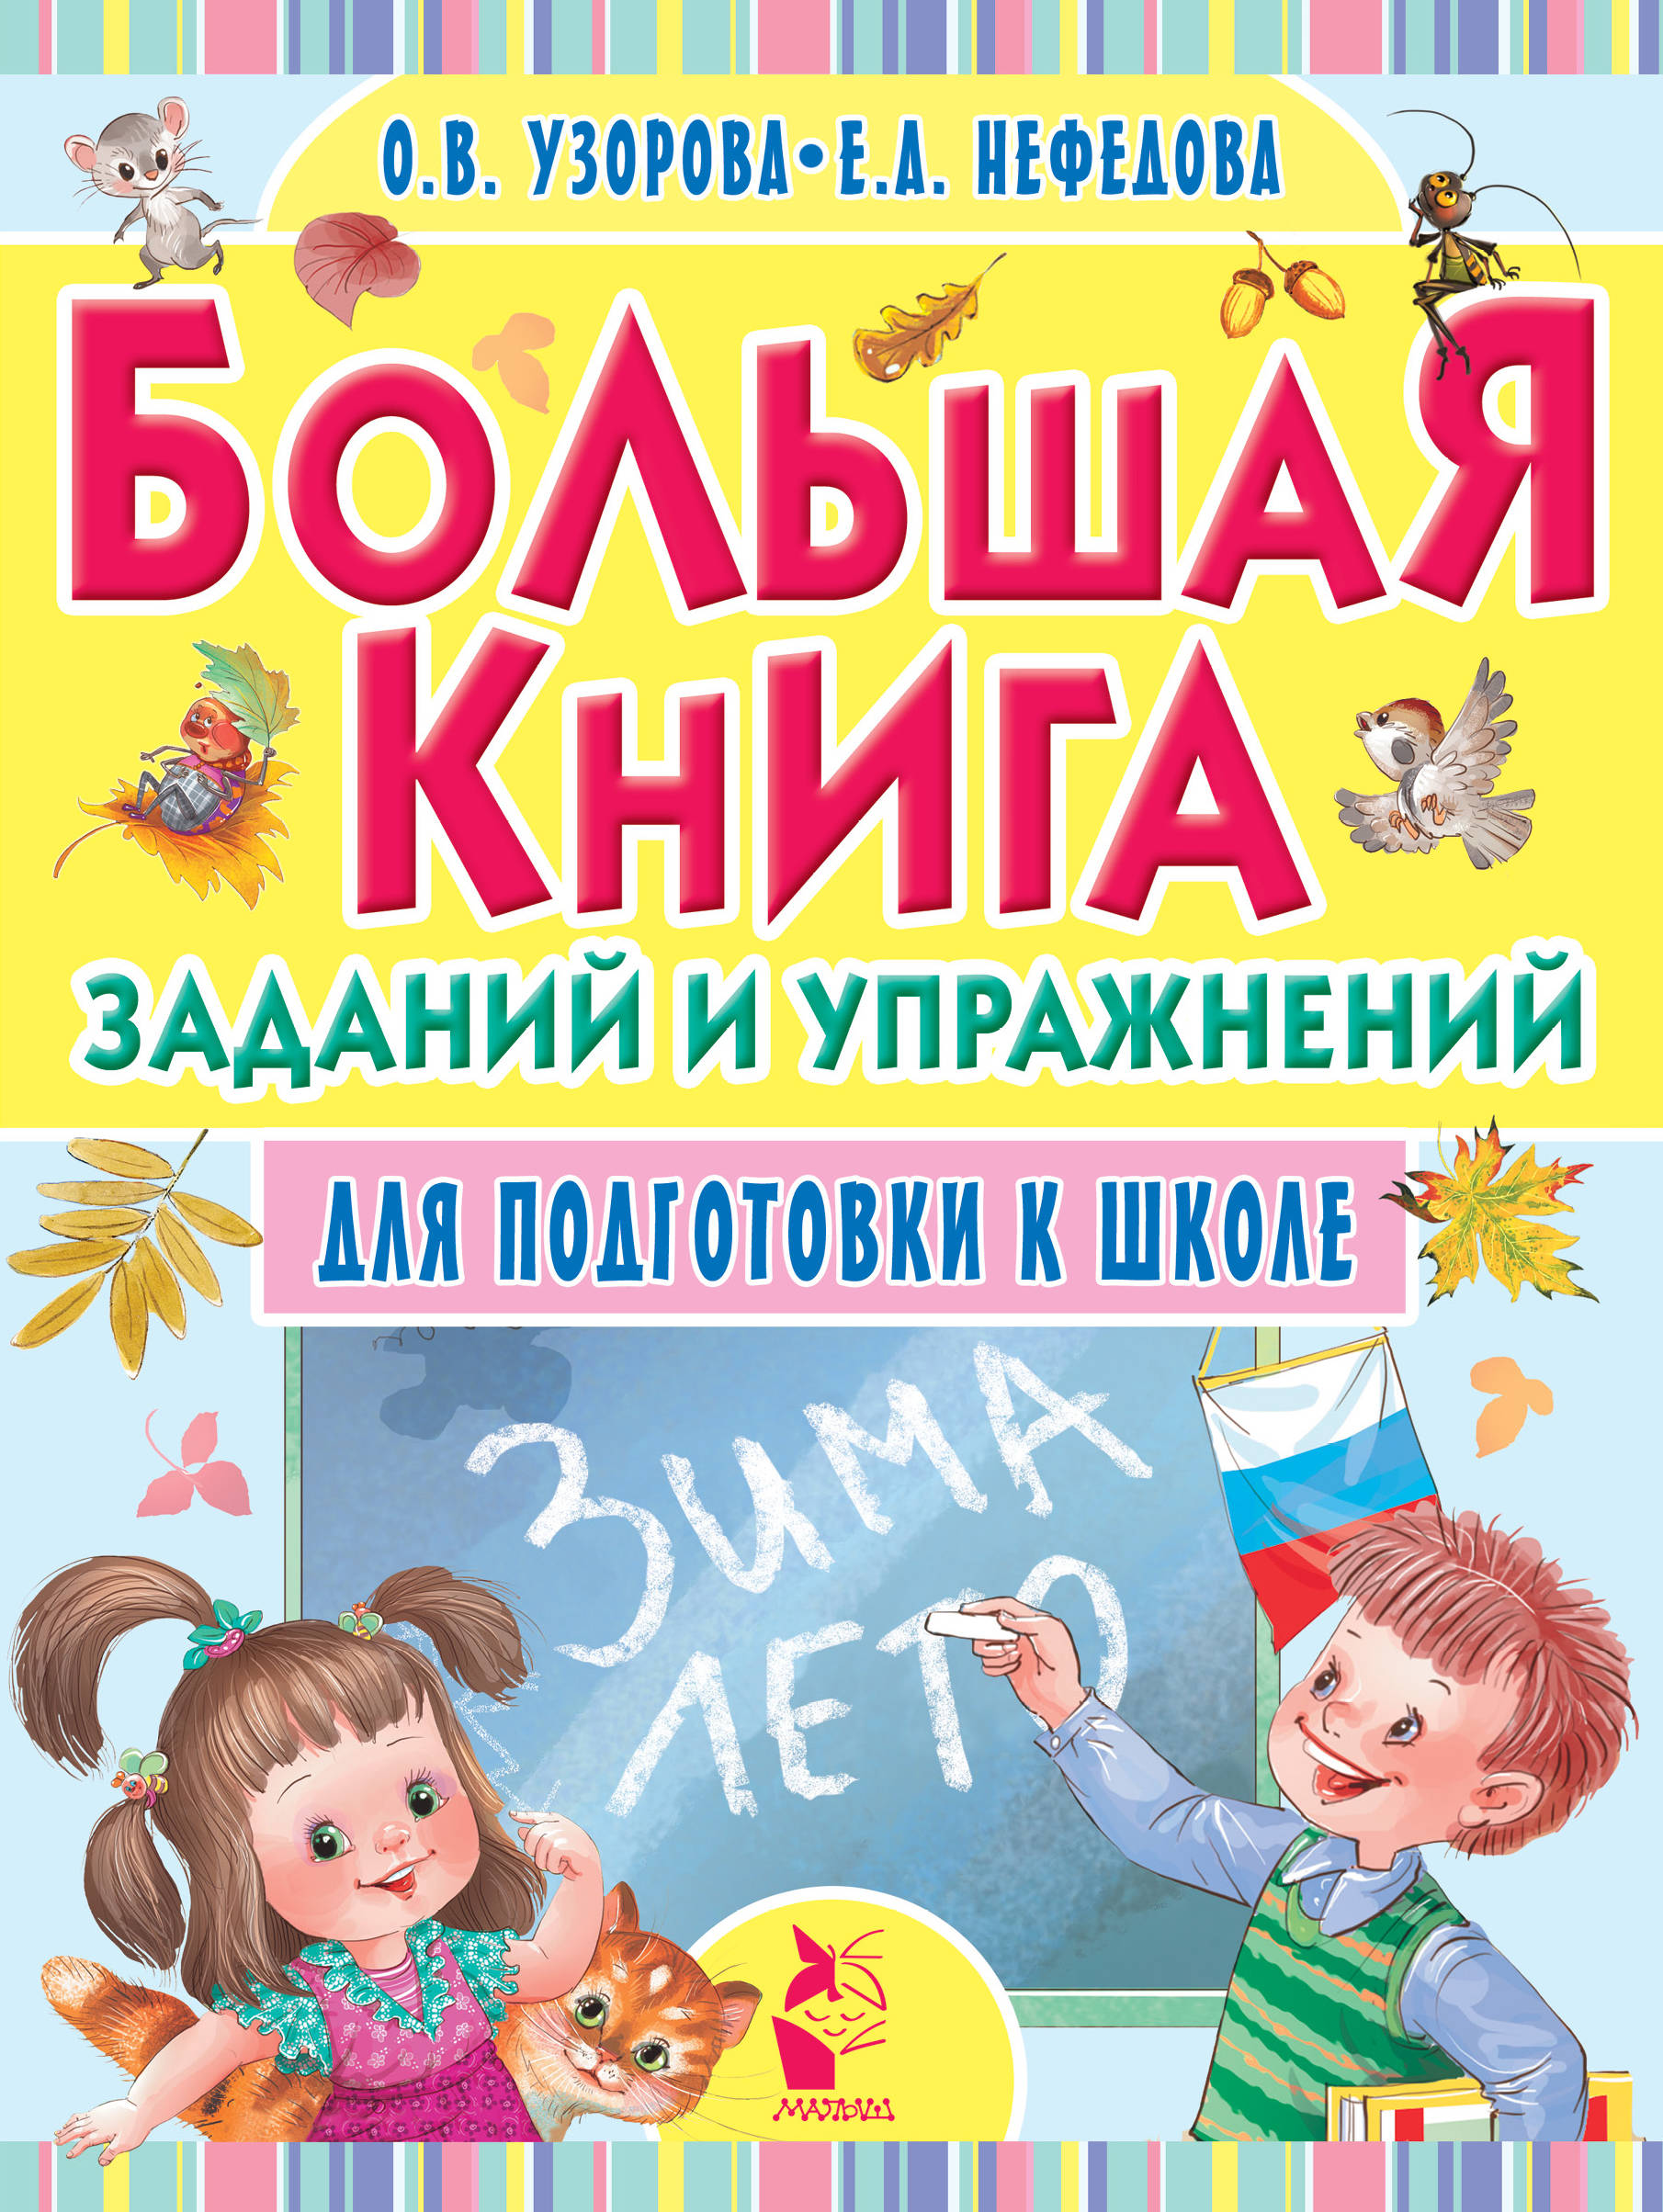 Большая книга Заданий и Упражнений для подготовки к Школе фото